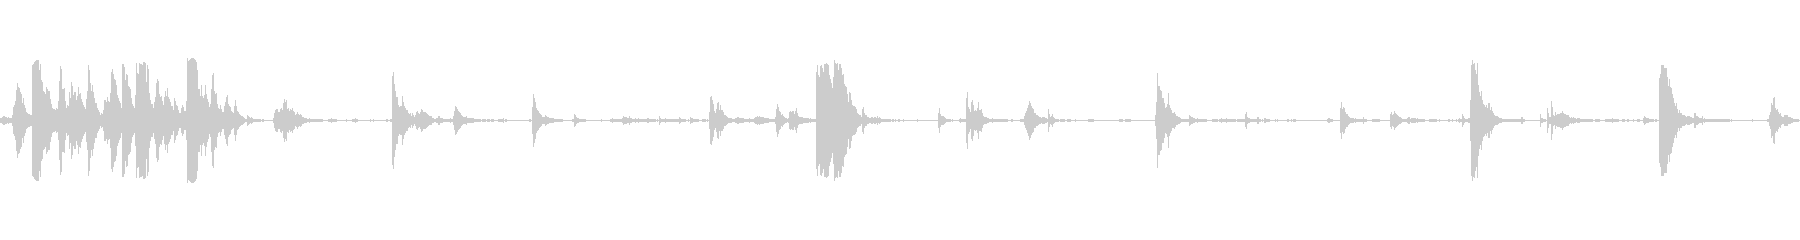 金属くず音の未再生の波形